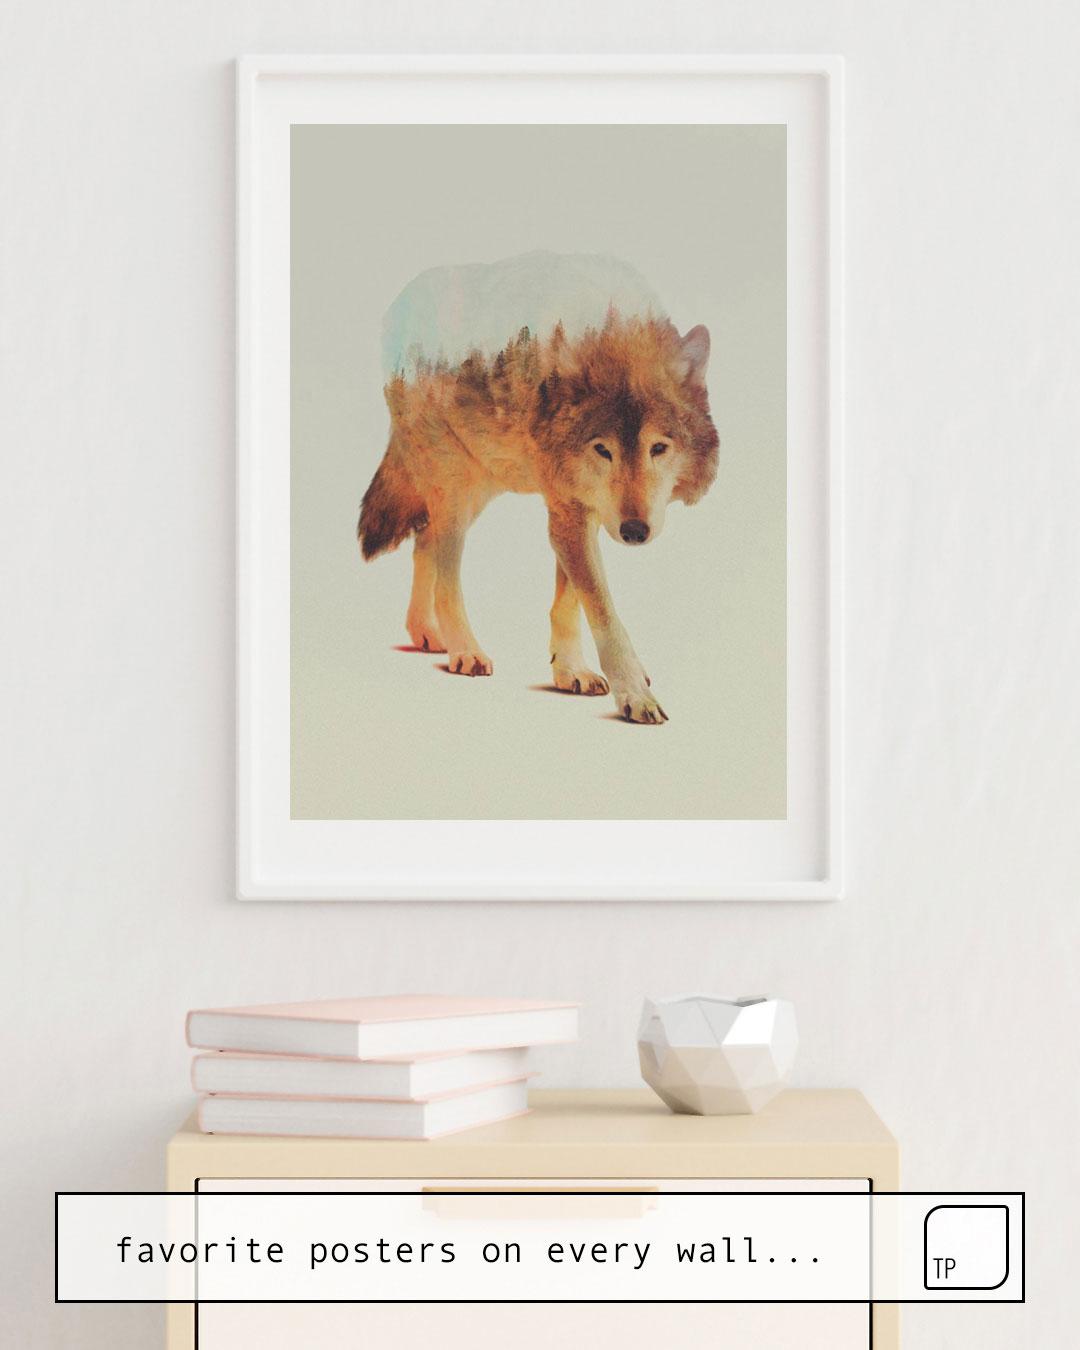 La foto muestra un ejemplo de decoración con el motivo WOLF IN THE WOODS #2 por Andreas Lie como un mural